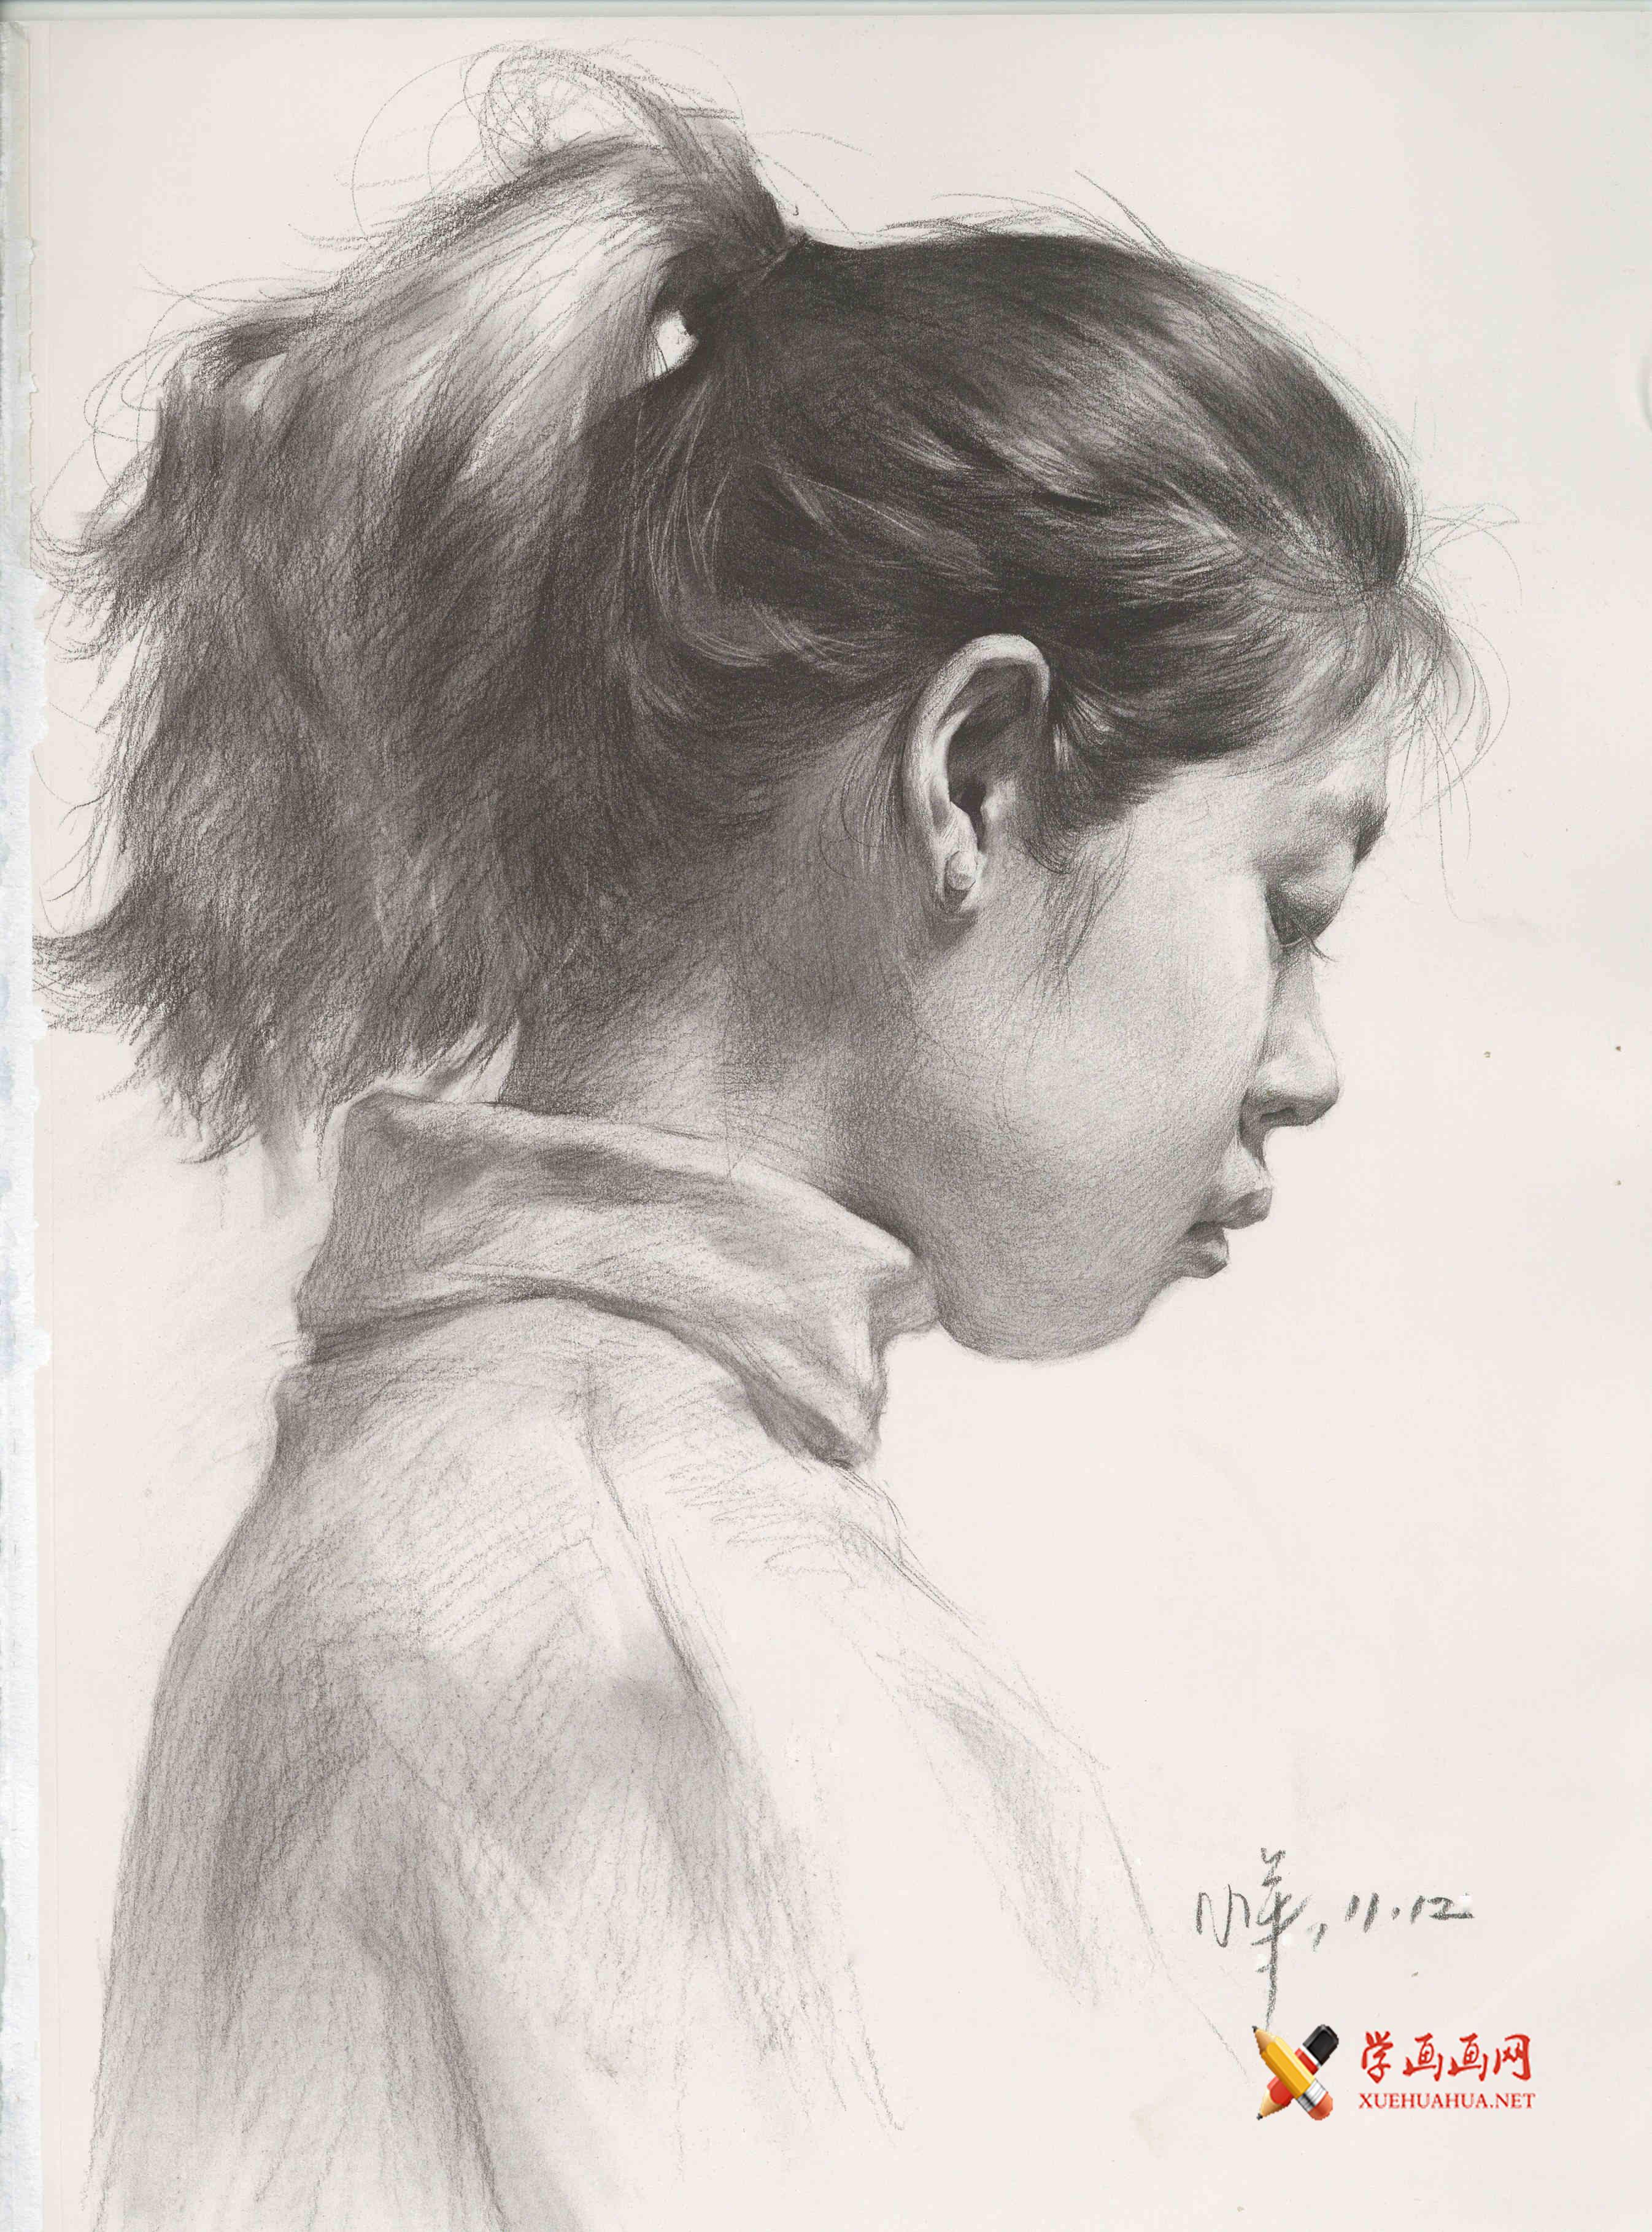 侧面扎马尾的女孩素描头像高清图片临摹素材(1)